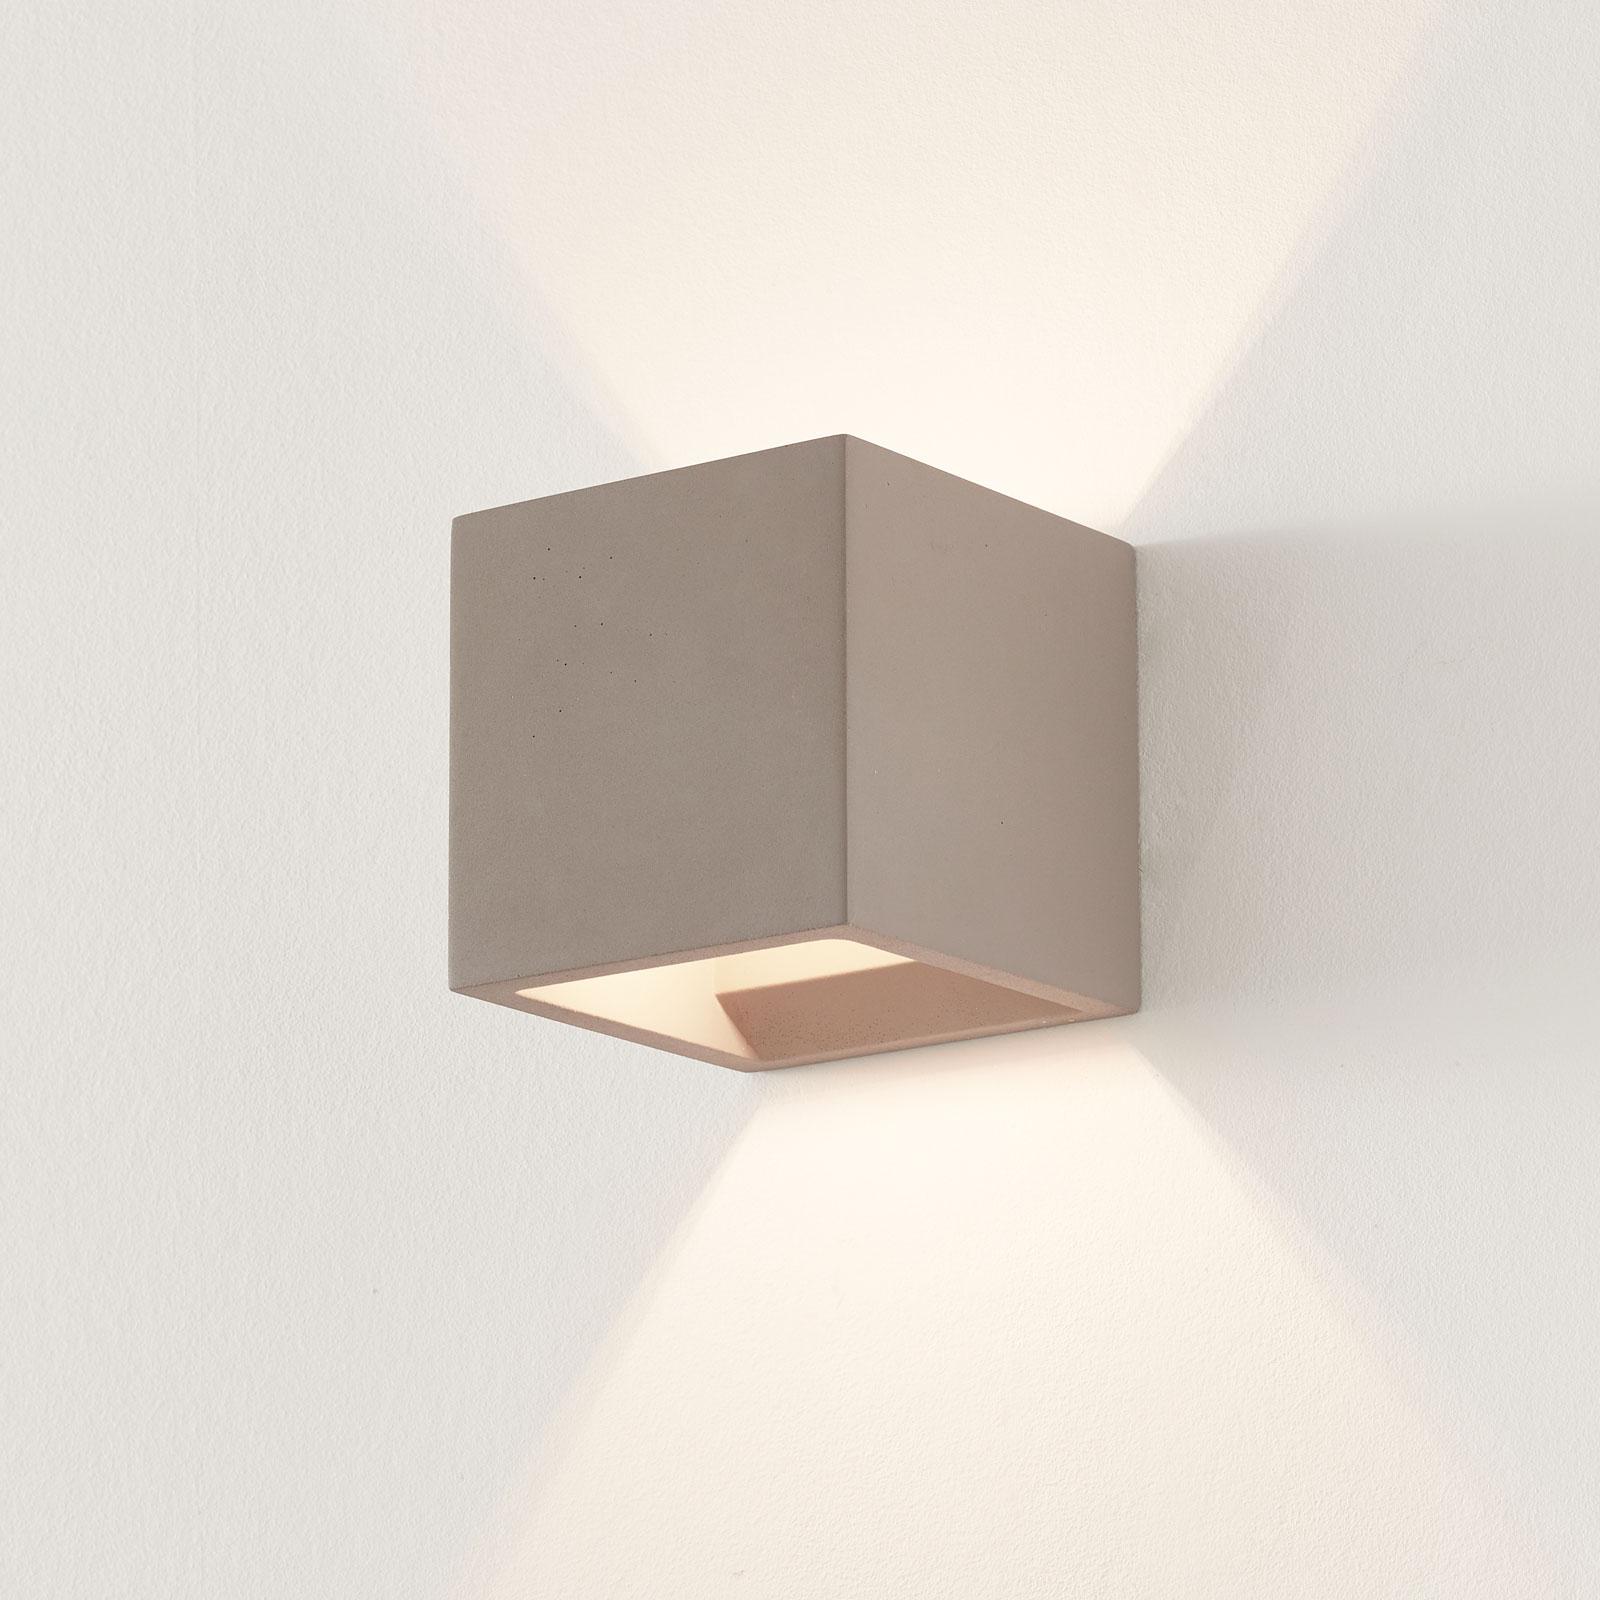 Betonnen wandlamp Jayden in rechthoekige vorm